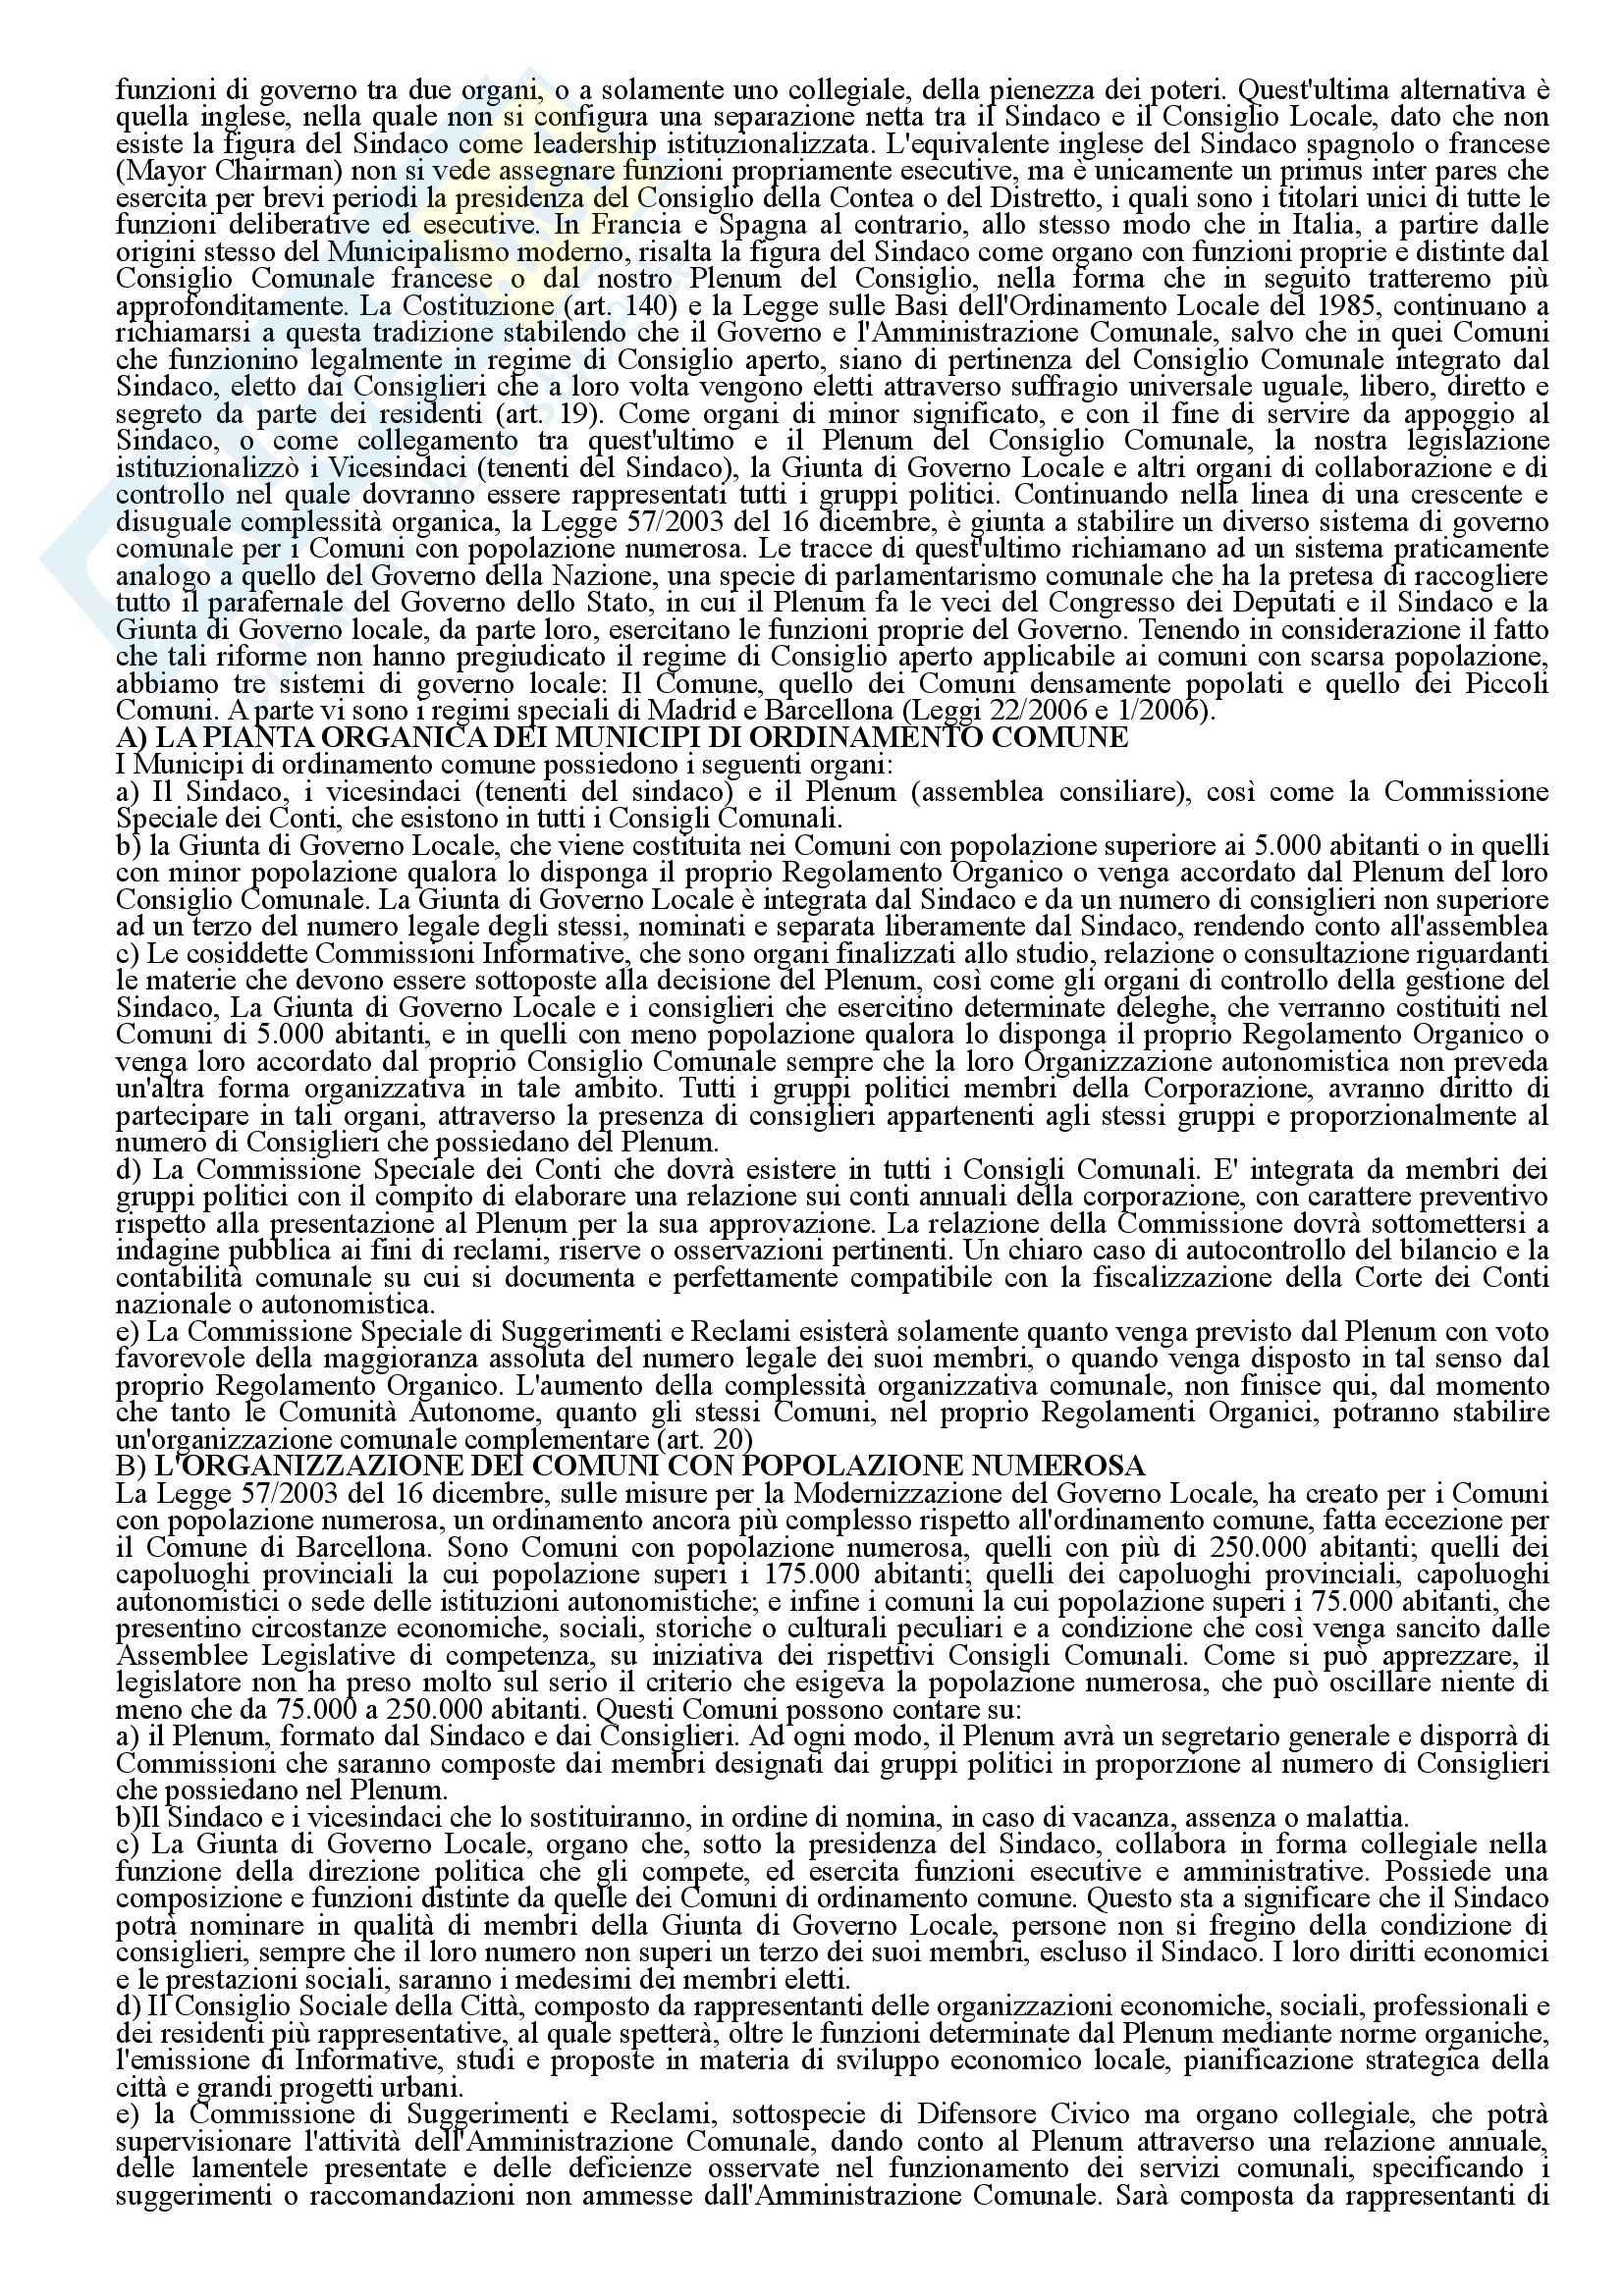 Diritto amministrativo - gli organi e le funzioni Pag. 26